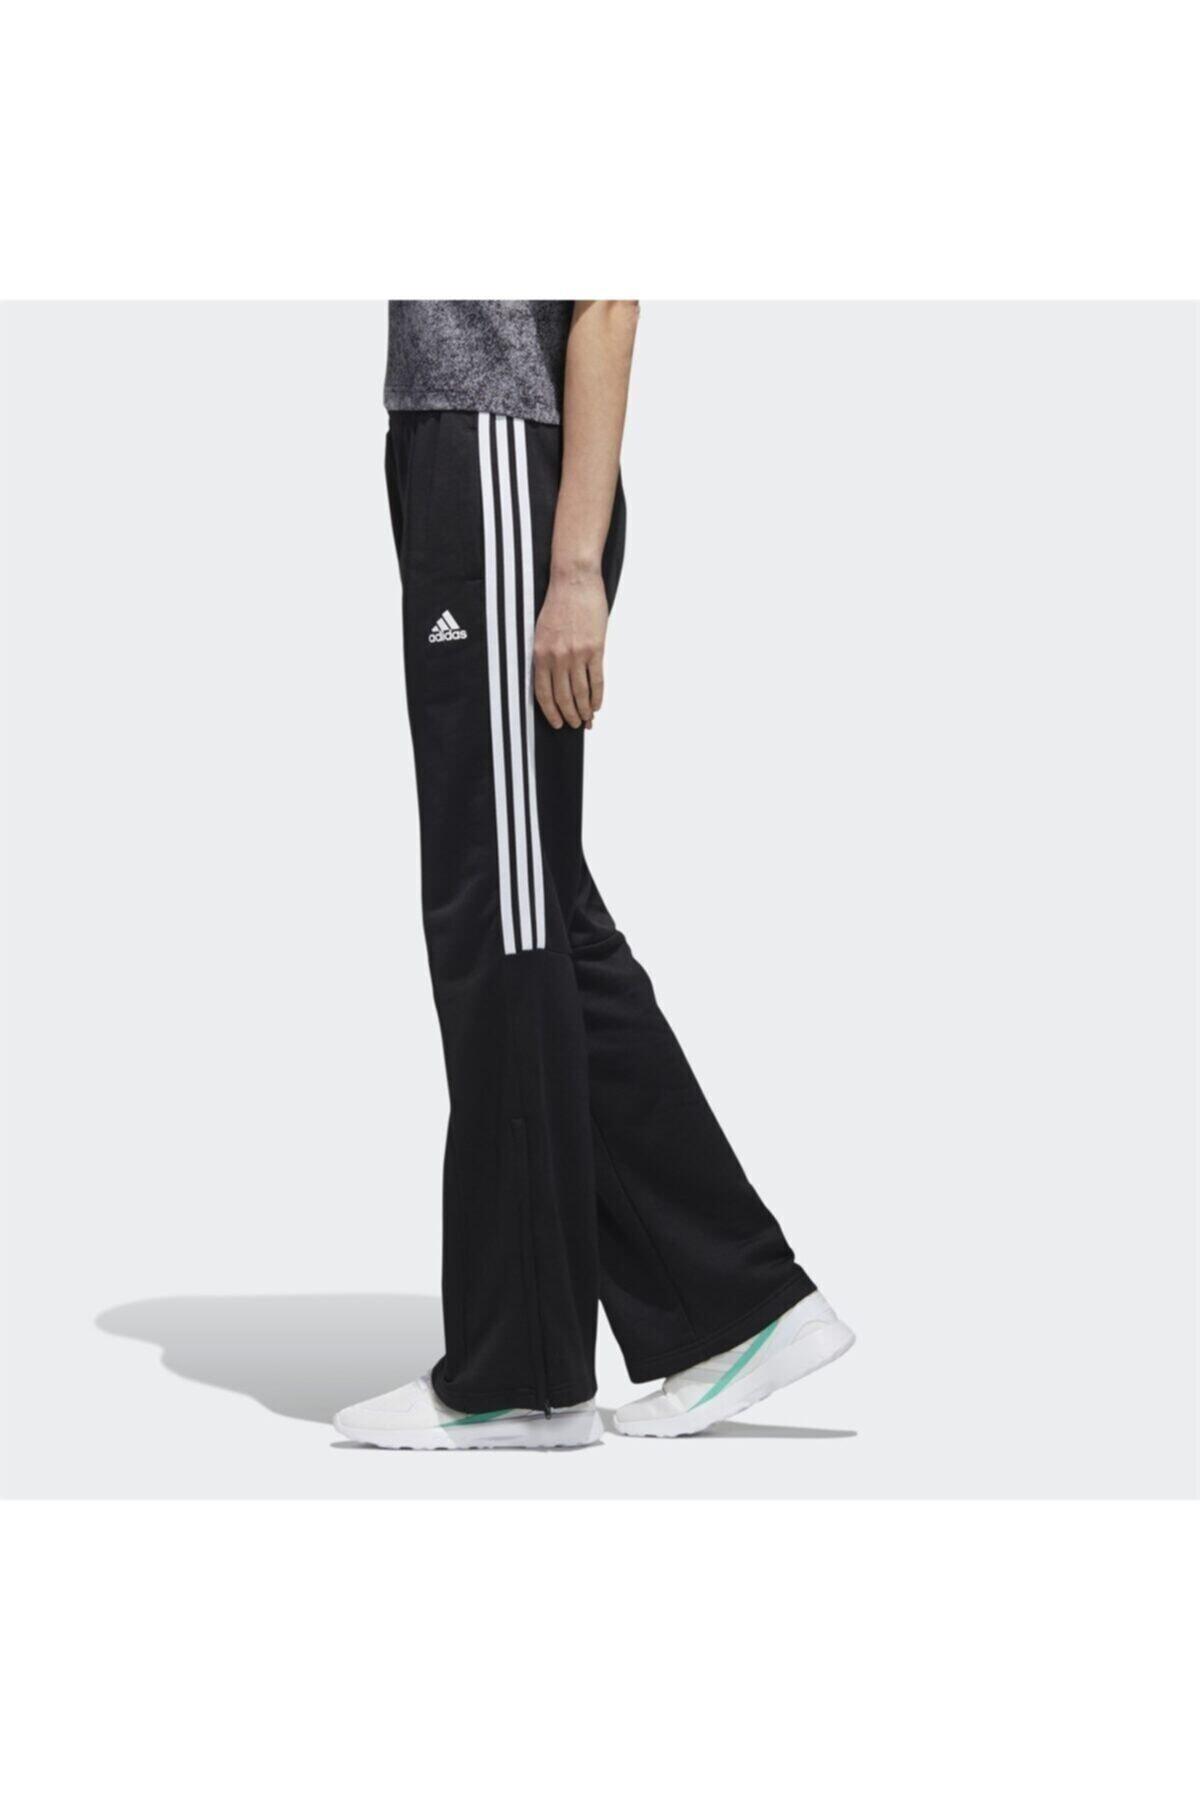 adidas Kadın Siyah Eşofman Altı 2